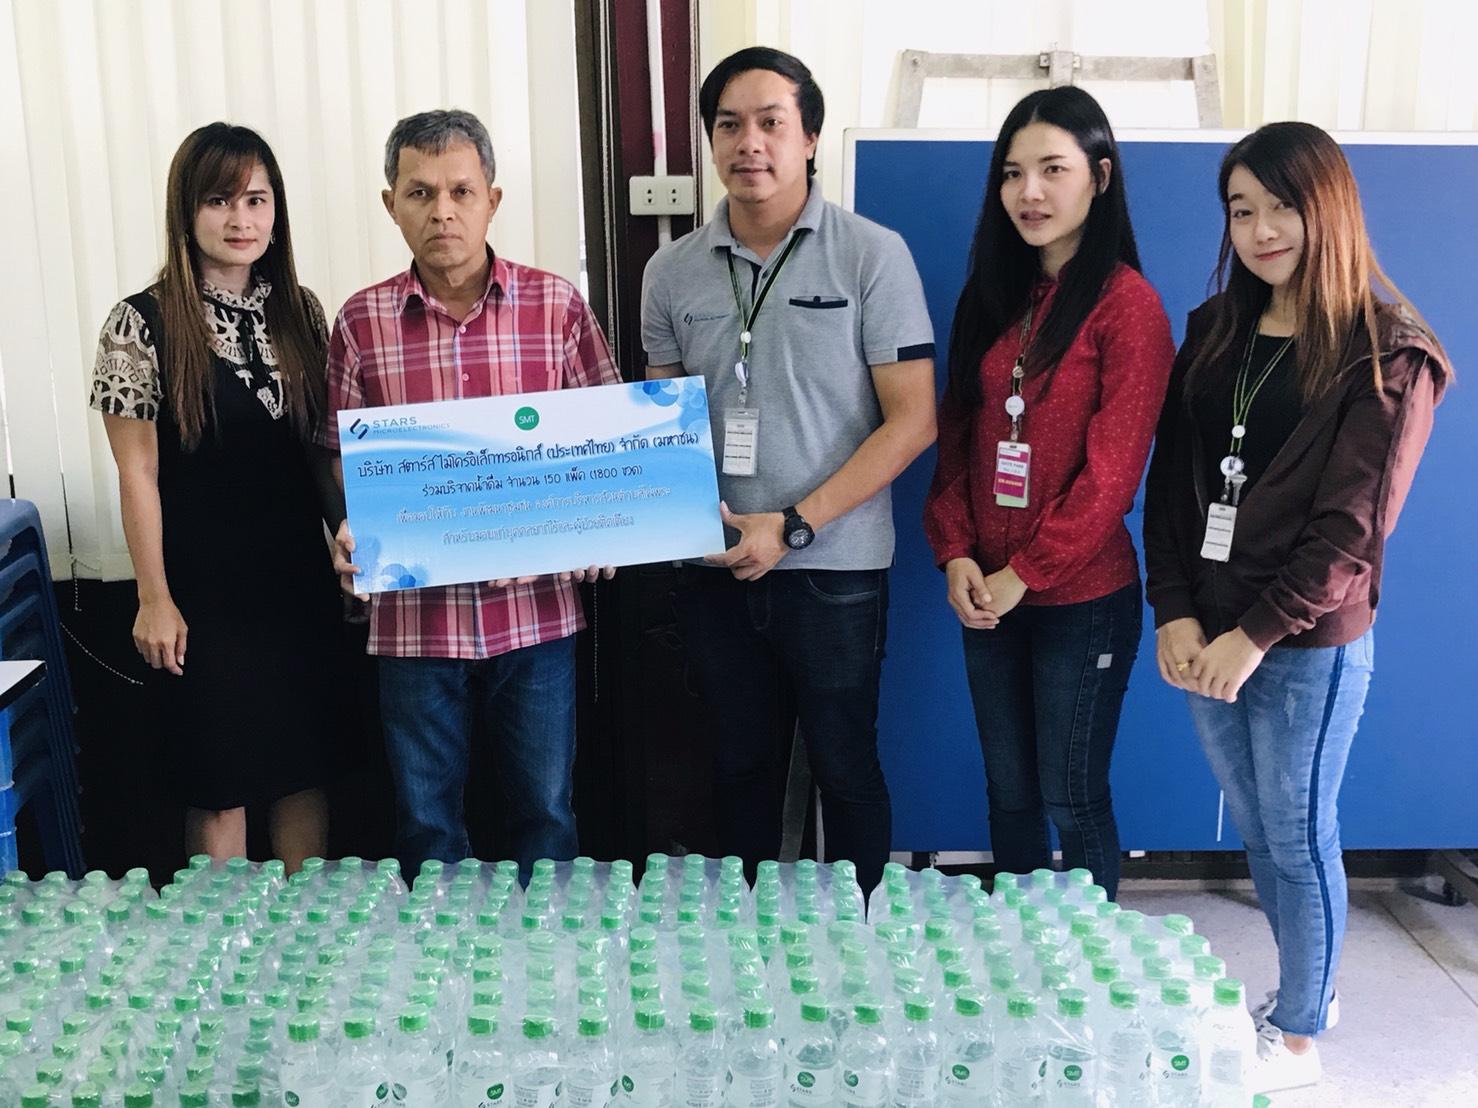 กิจกรรมบริจาคน้ำดื่ม เพื่อช่วยเหลือผู้ป่วยติดเตียง ณ งานพัฒนาชมชน องค์การบริหารส่วนตำบลไผ่พระ อำเภอบางไทร จังหวัดพระนครศรีอยุธยา